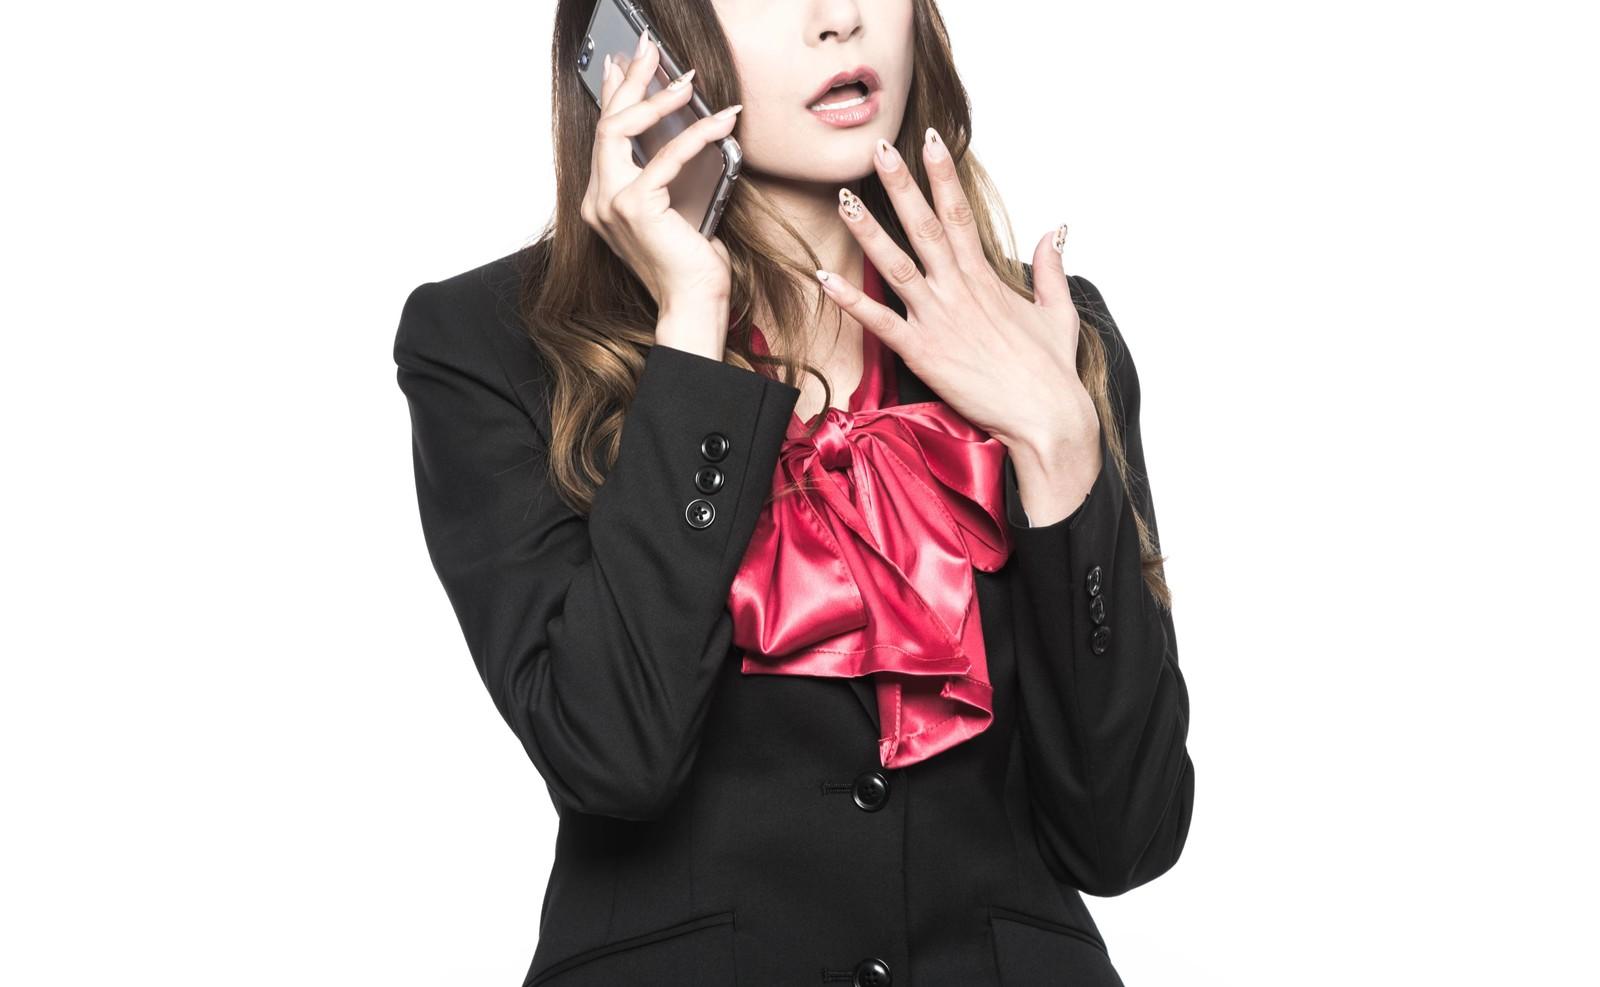 女性との電話は「時間帯」が重要!心をグッと掴むポイントとは?